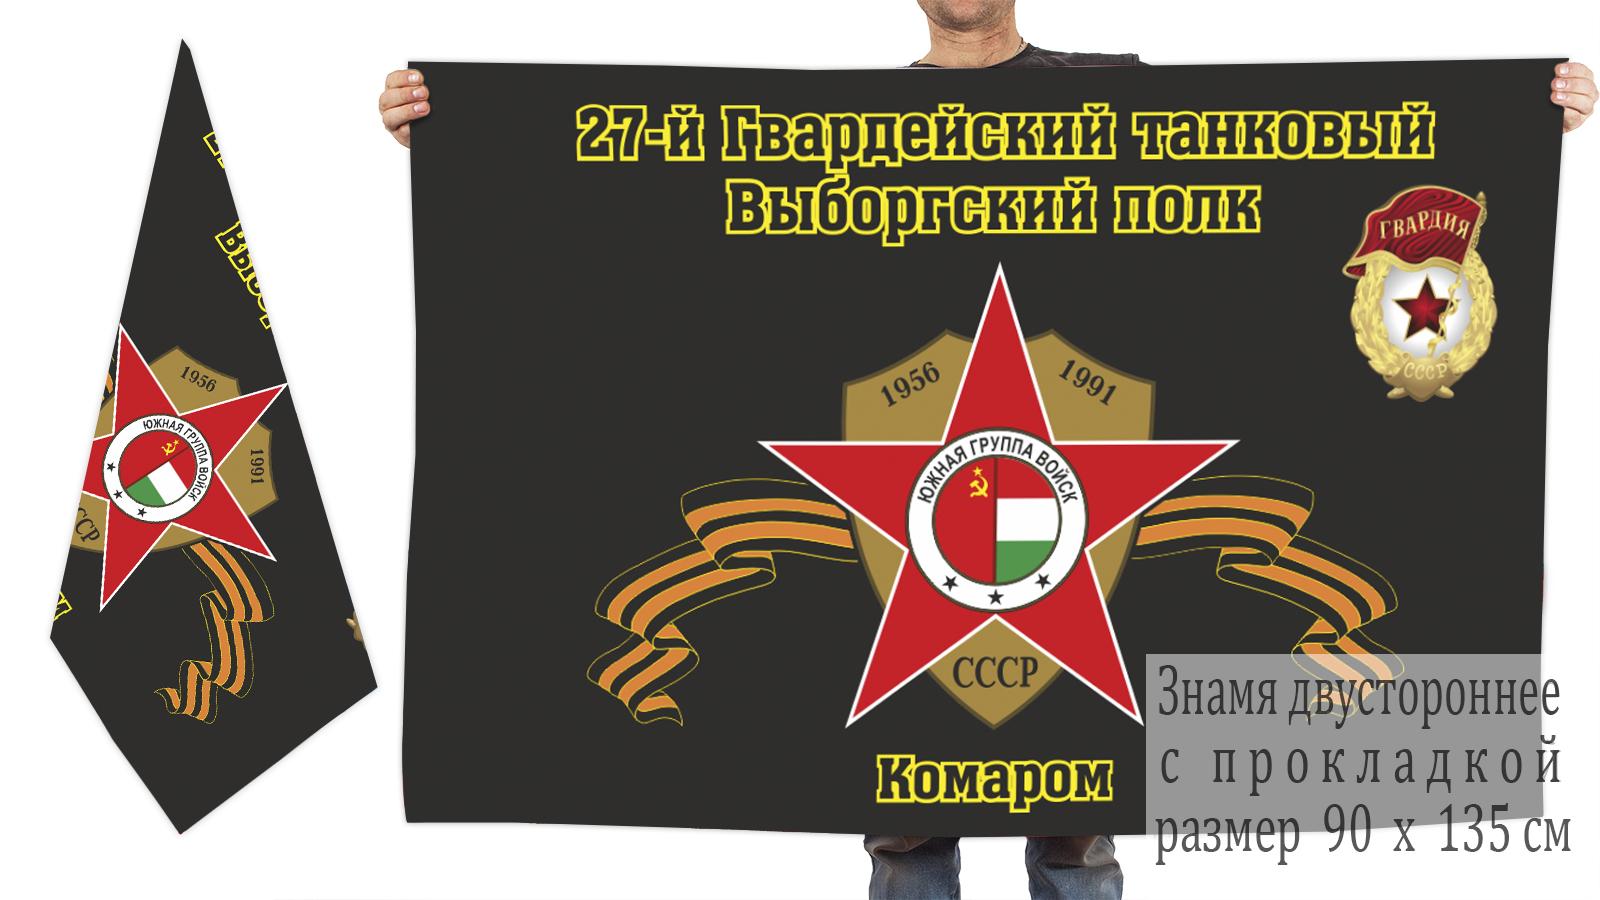 """Двусторонний флаг """"27-й Гвардейский танковый Выборгский полк. Комаром"""""""